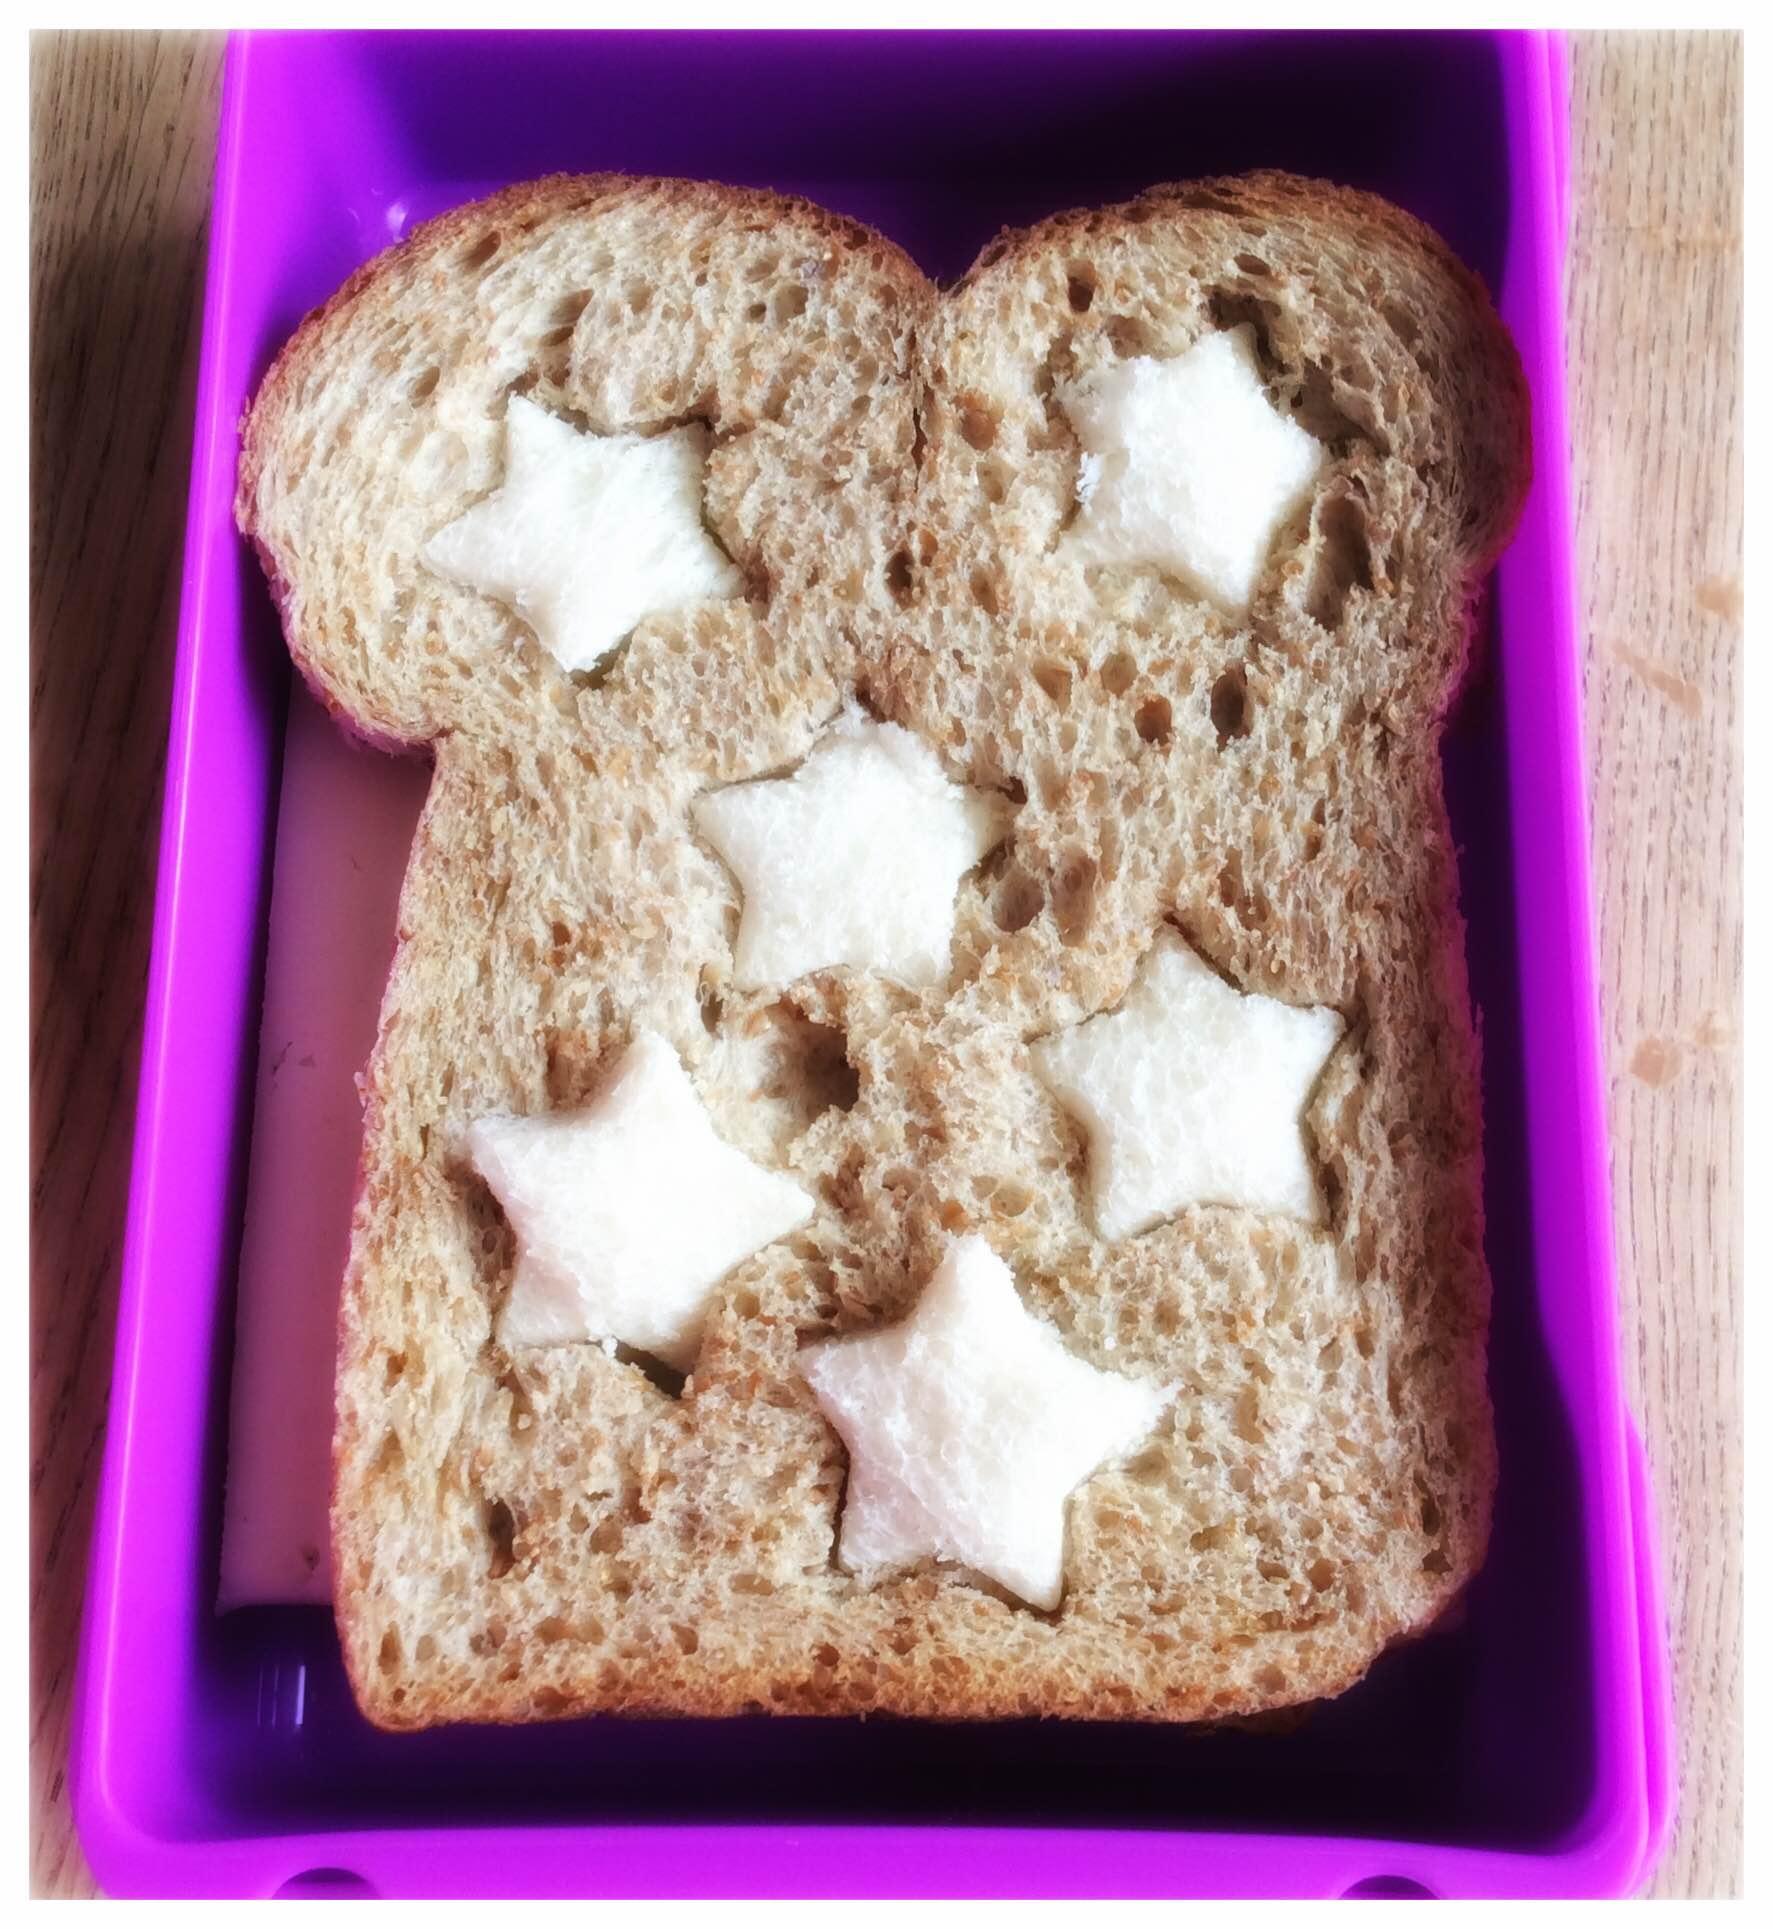 zijn broodkorstjes gezond?